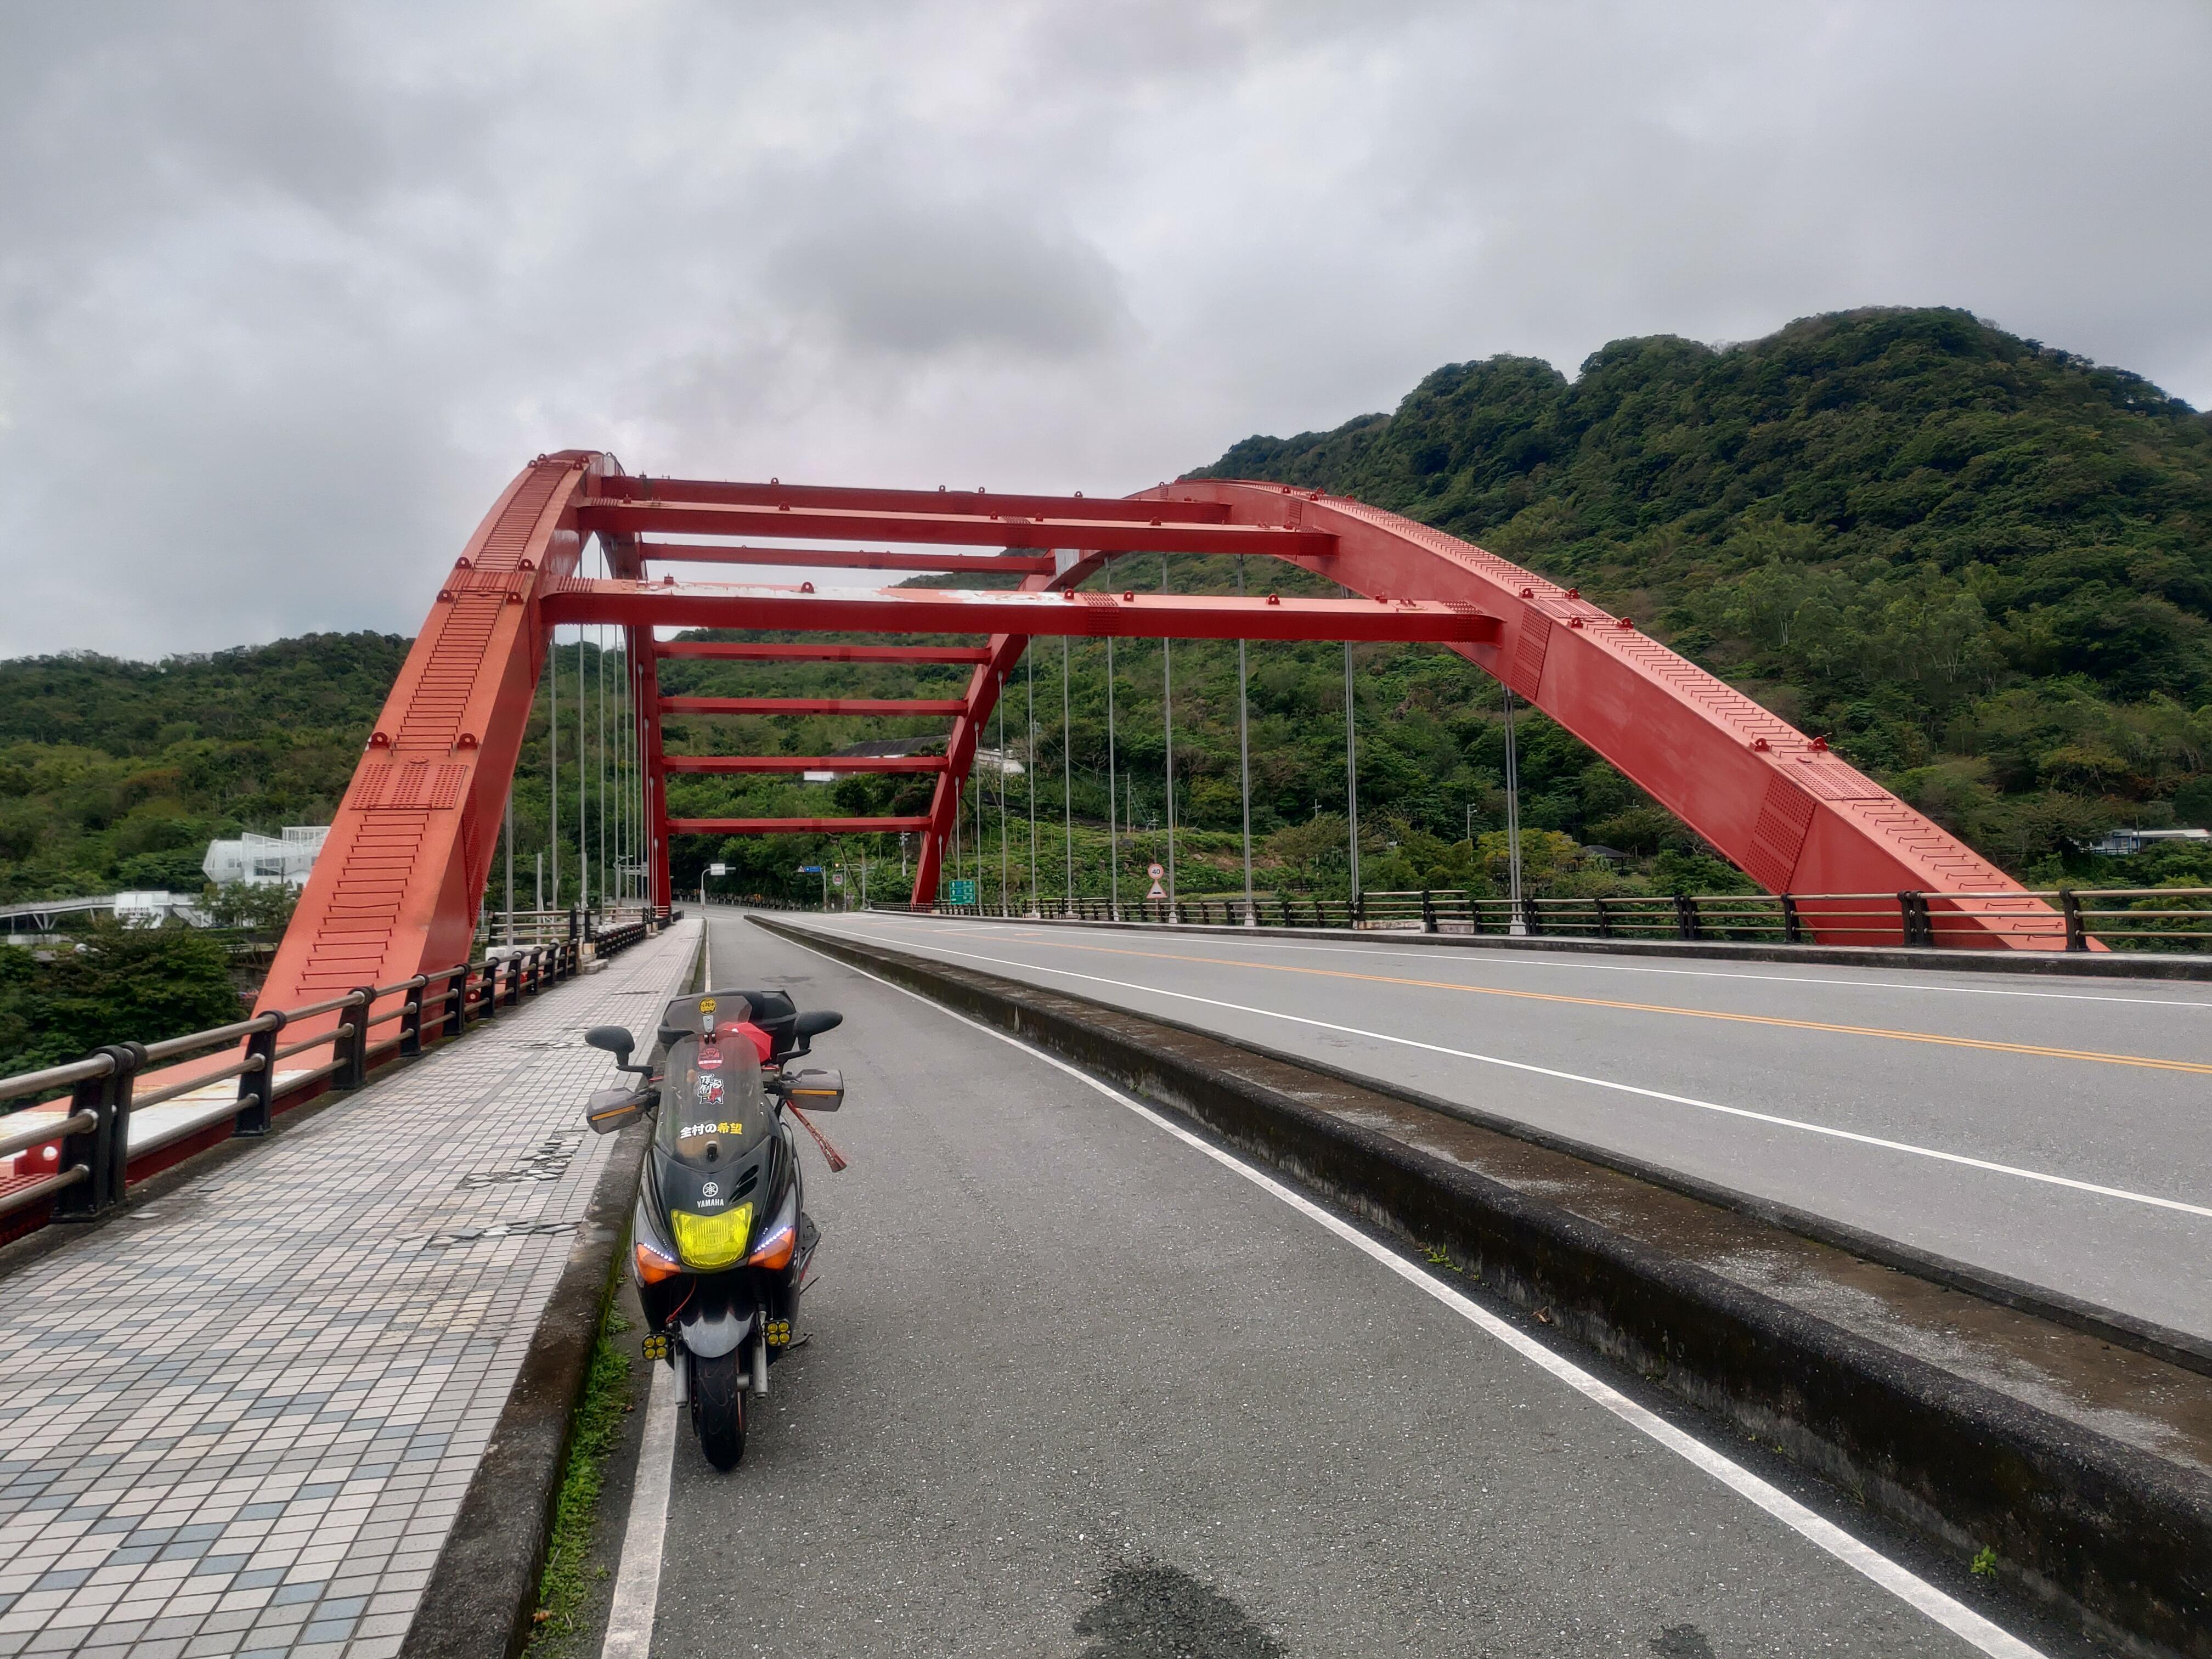 5th 走!去騎摩托車吧!六天五夜山海奇行環島之旅6486